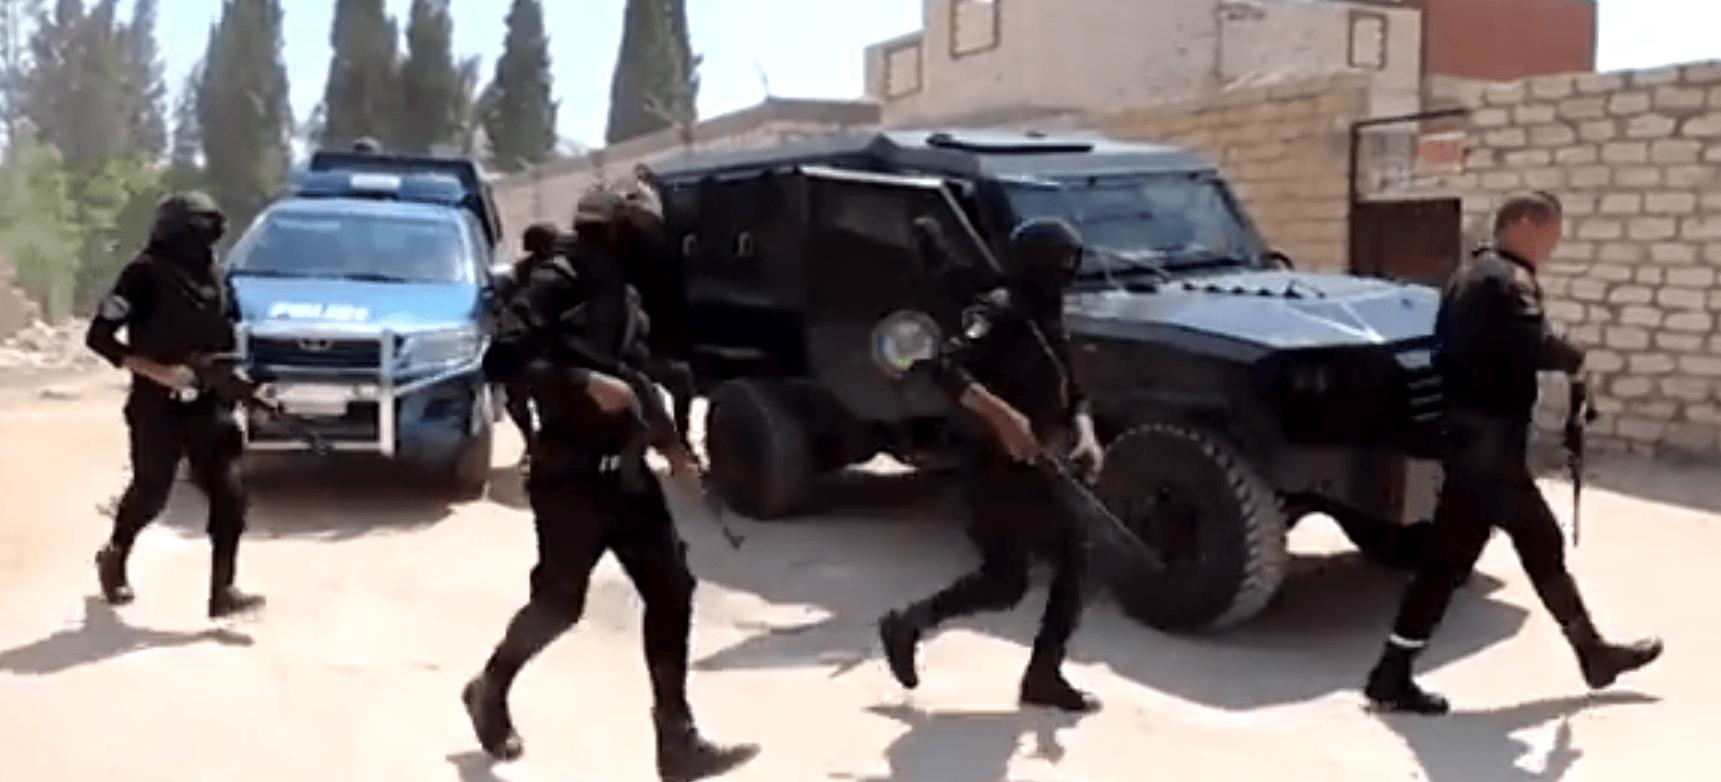 بالفيديو ..الأمن العام يداهم البؤر الإجرامية لتجارة المخدرات والأسلحة